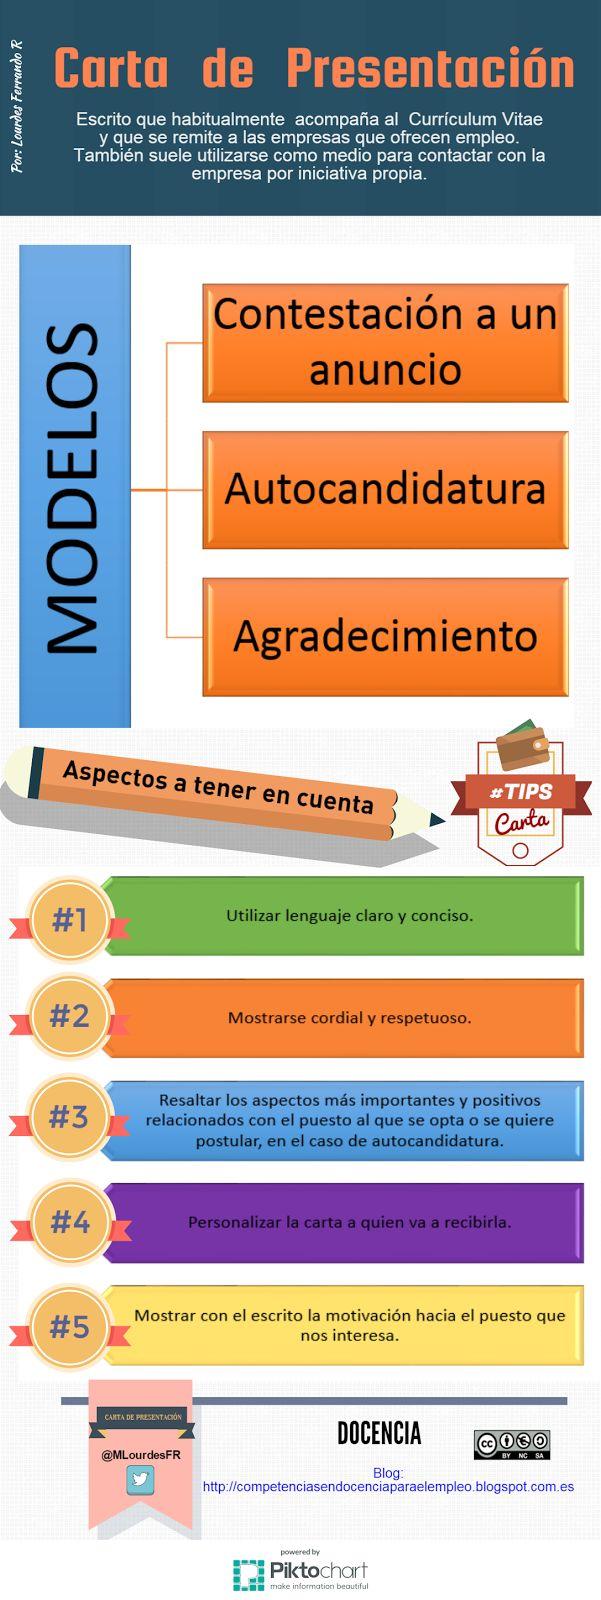 Modelo de Carta de Presentación mediante pictogramas, fácil de entender y utilizar para alumnos que se estén formando inicialmente para el acceso al mundo laboral.